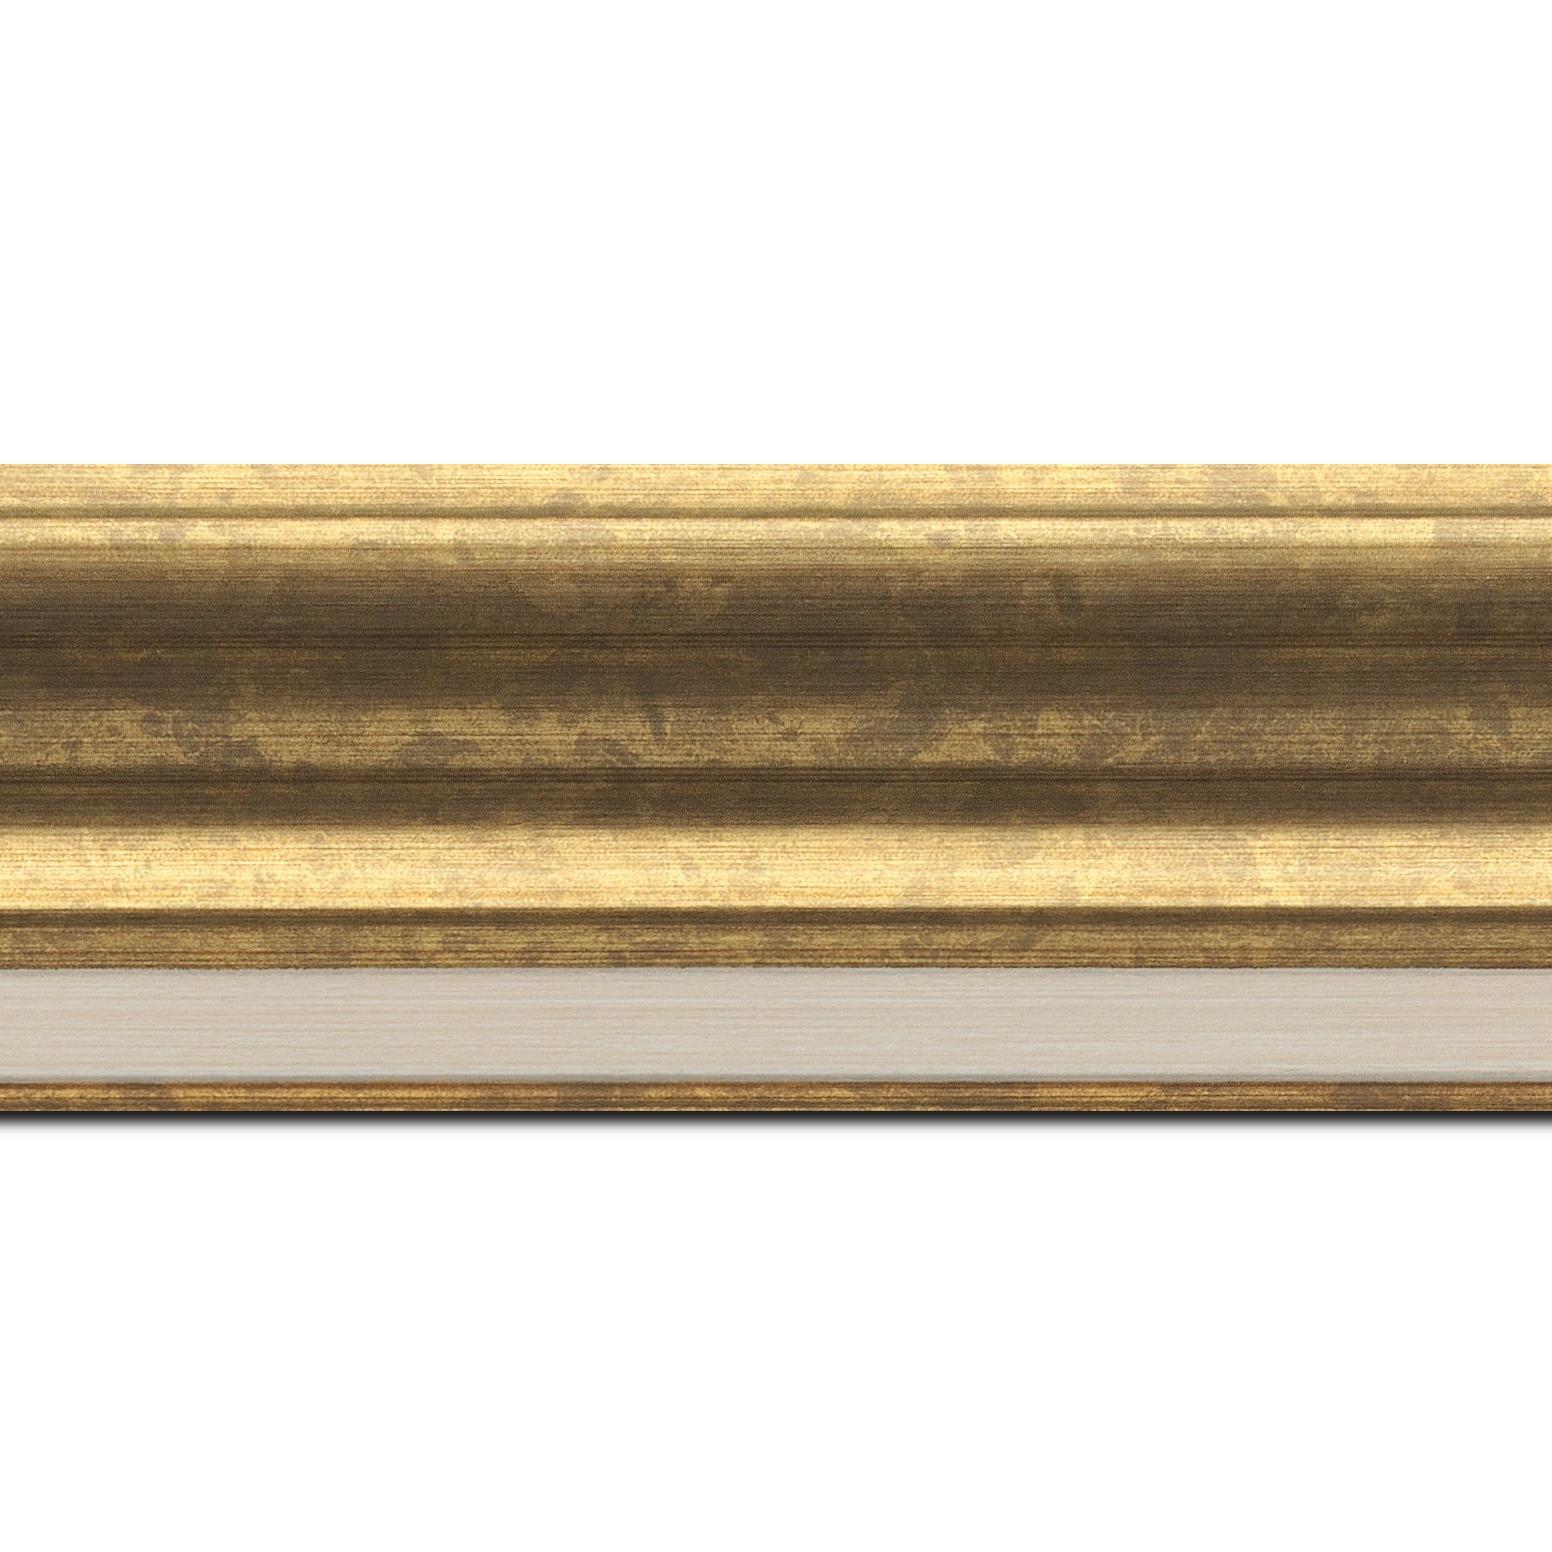 Pack par 12m, bois profil incurvé largeur 6.3cm couleur or marie louise intégrée(longueur baguette pouvant varier entre 2.40m et 3m selon arrivage des bois)